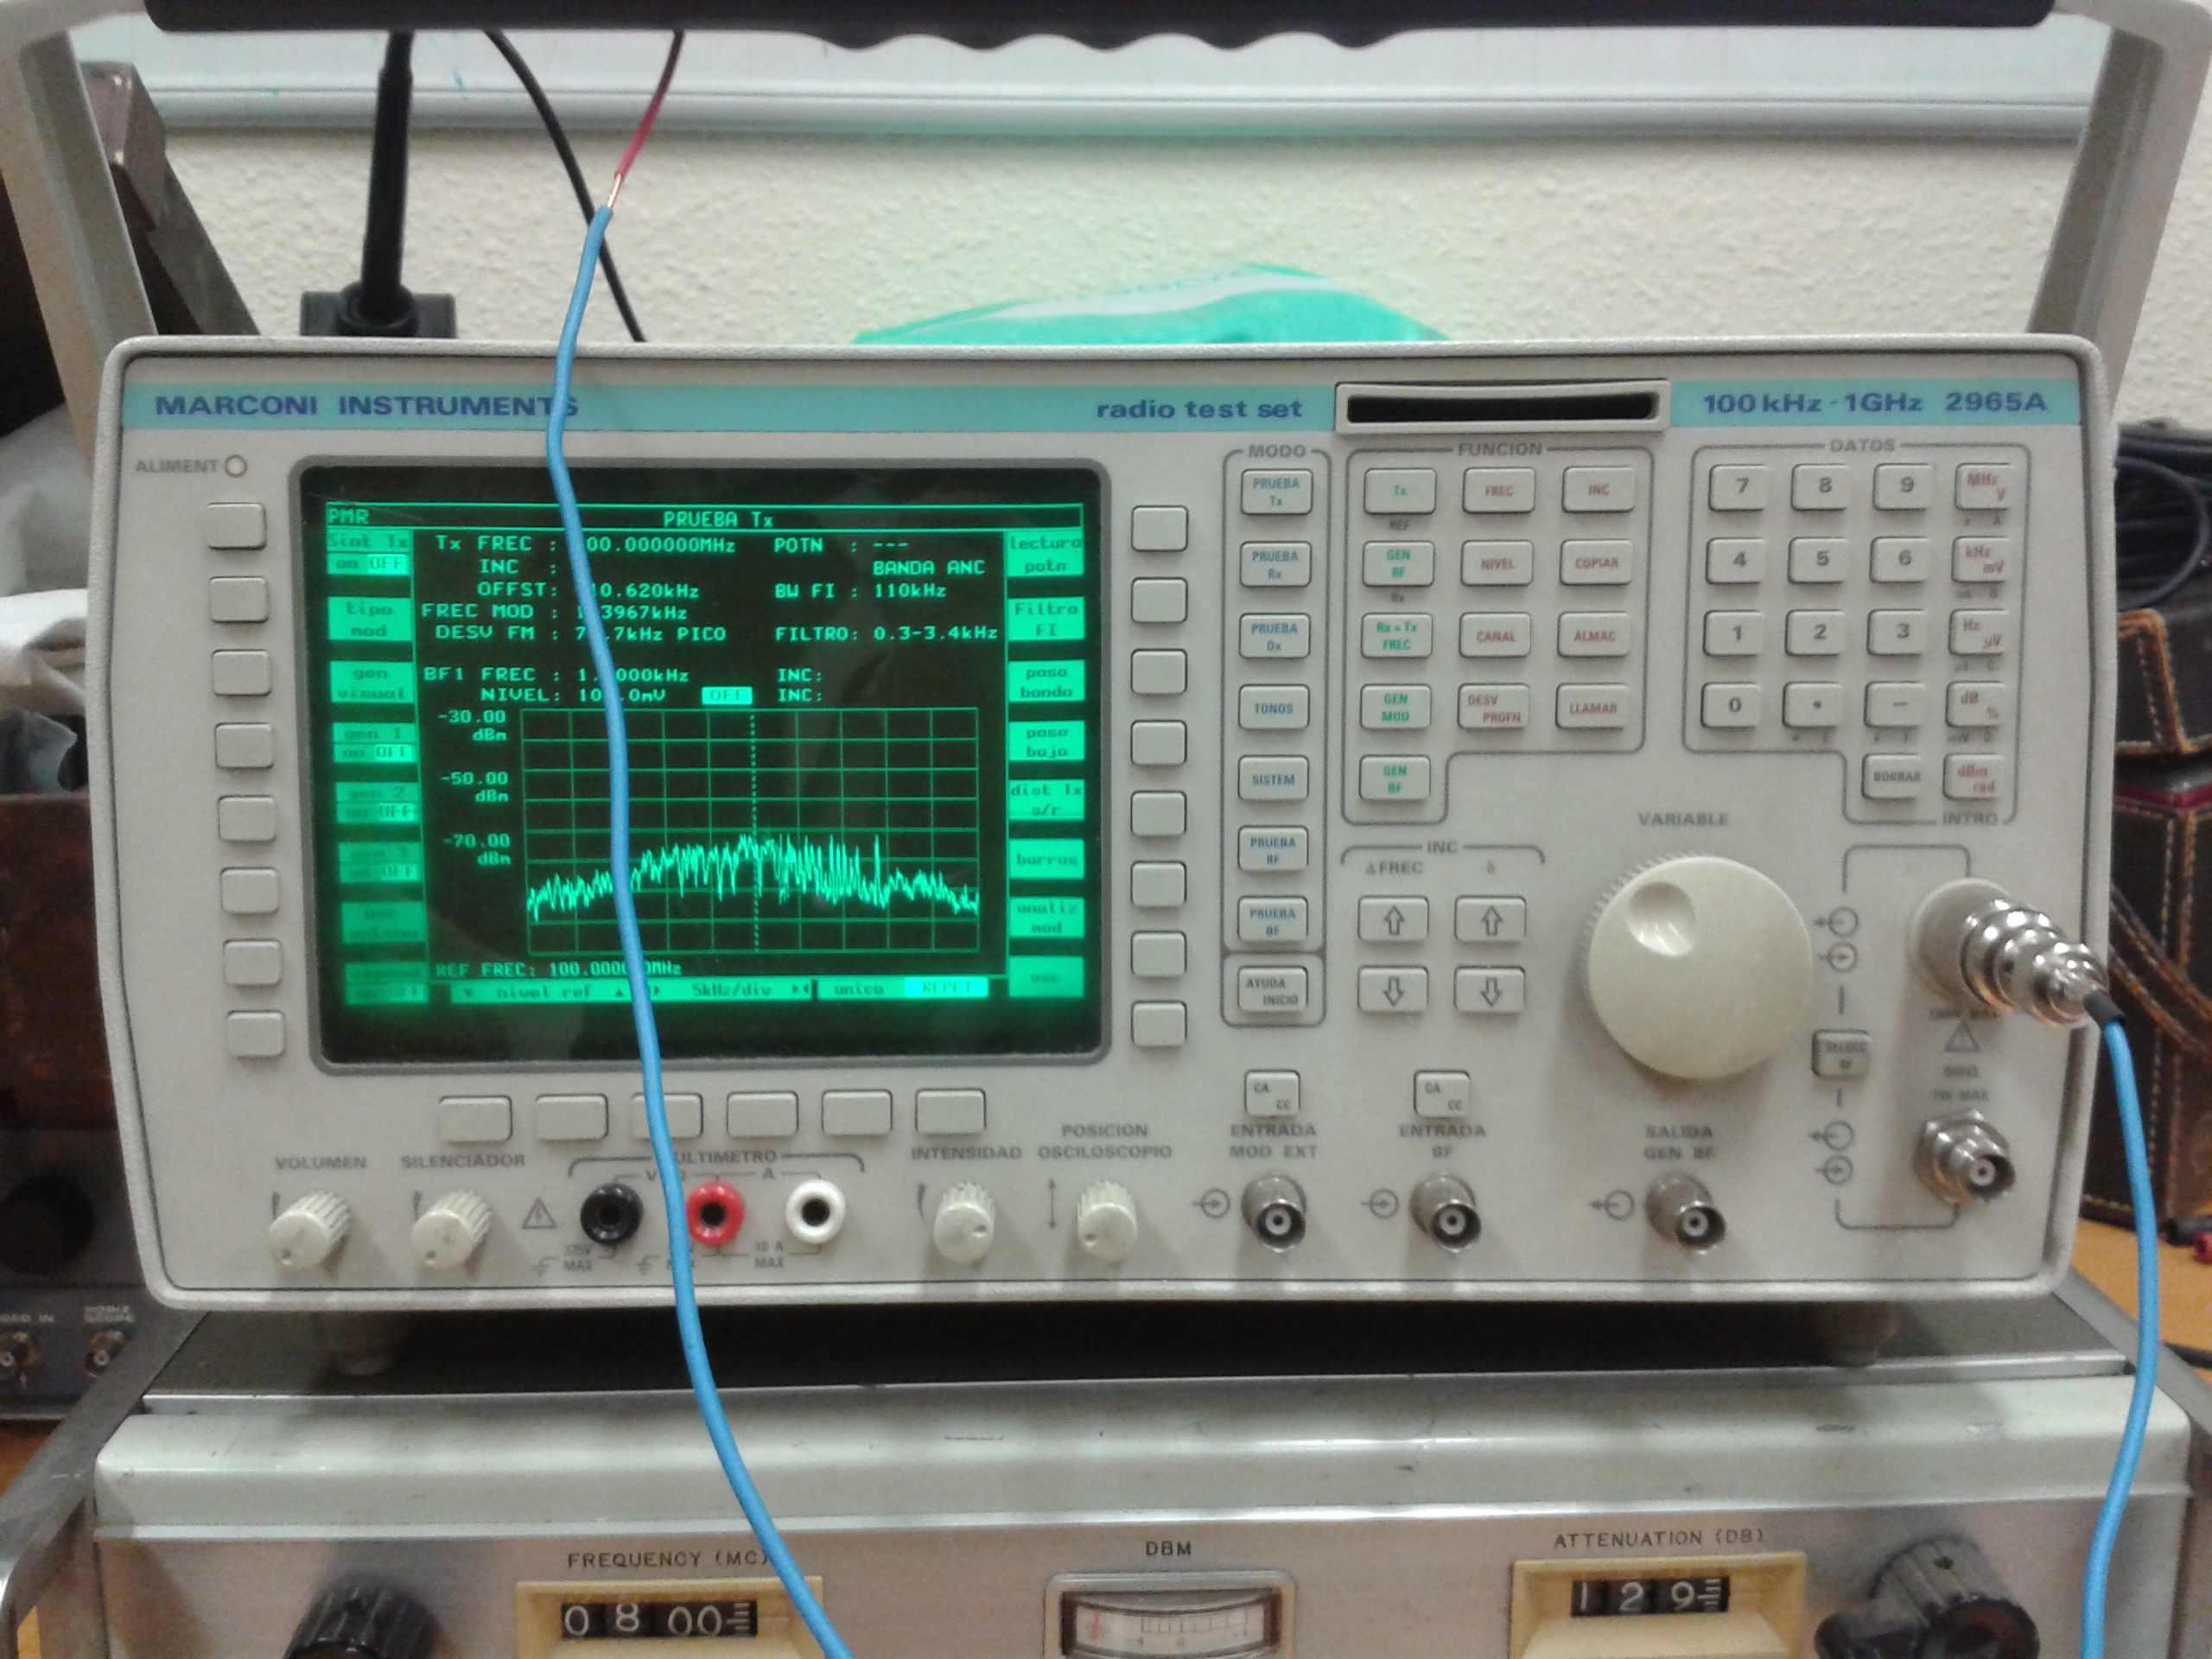 Analizador de espectros Marconi 2965